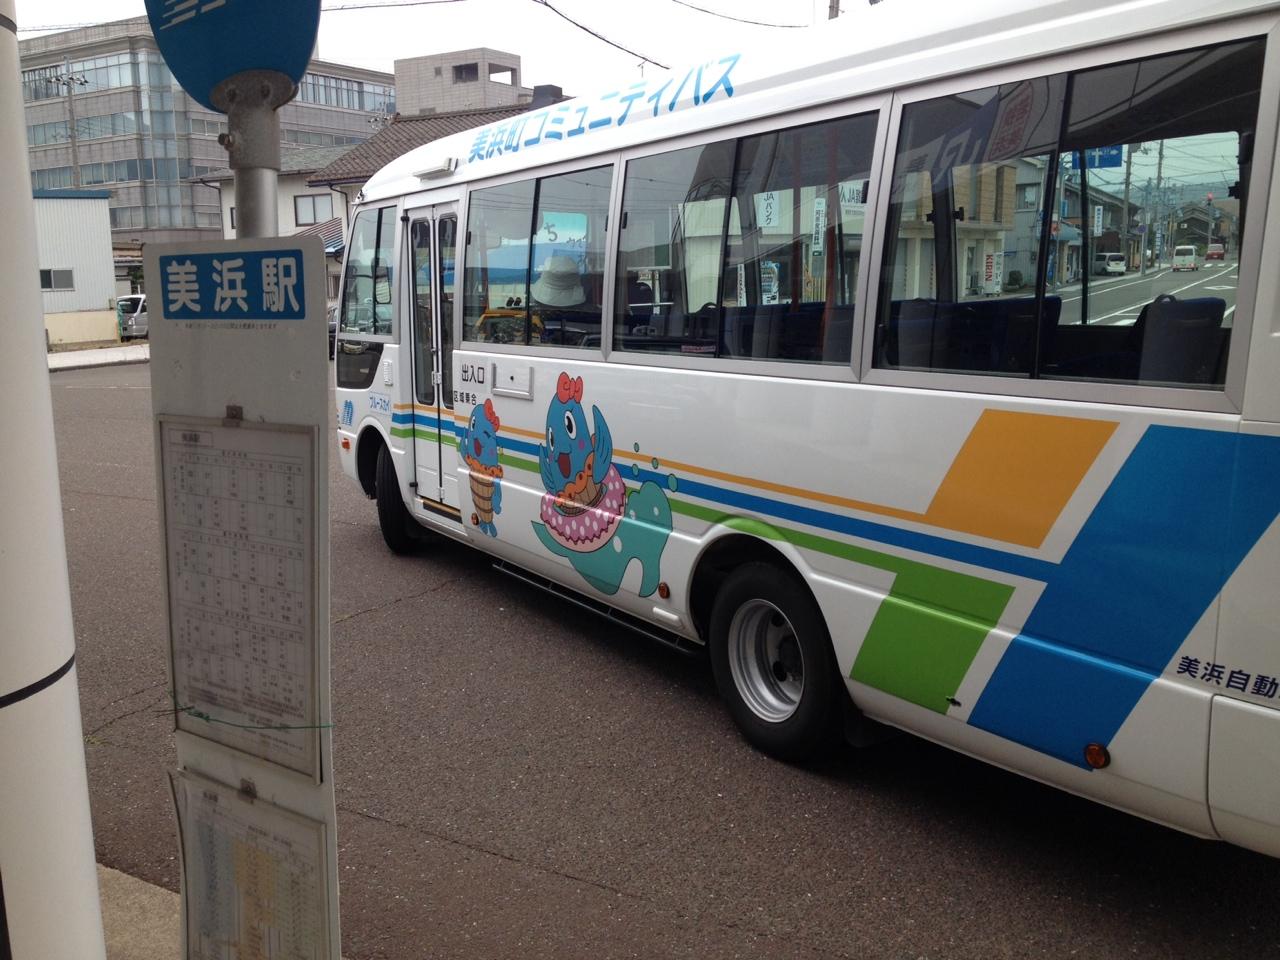 へしこちゃんを描いた美浜町コミュニティバス